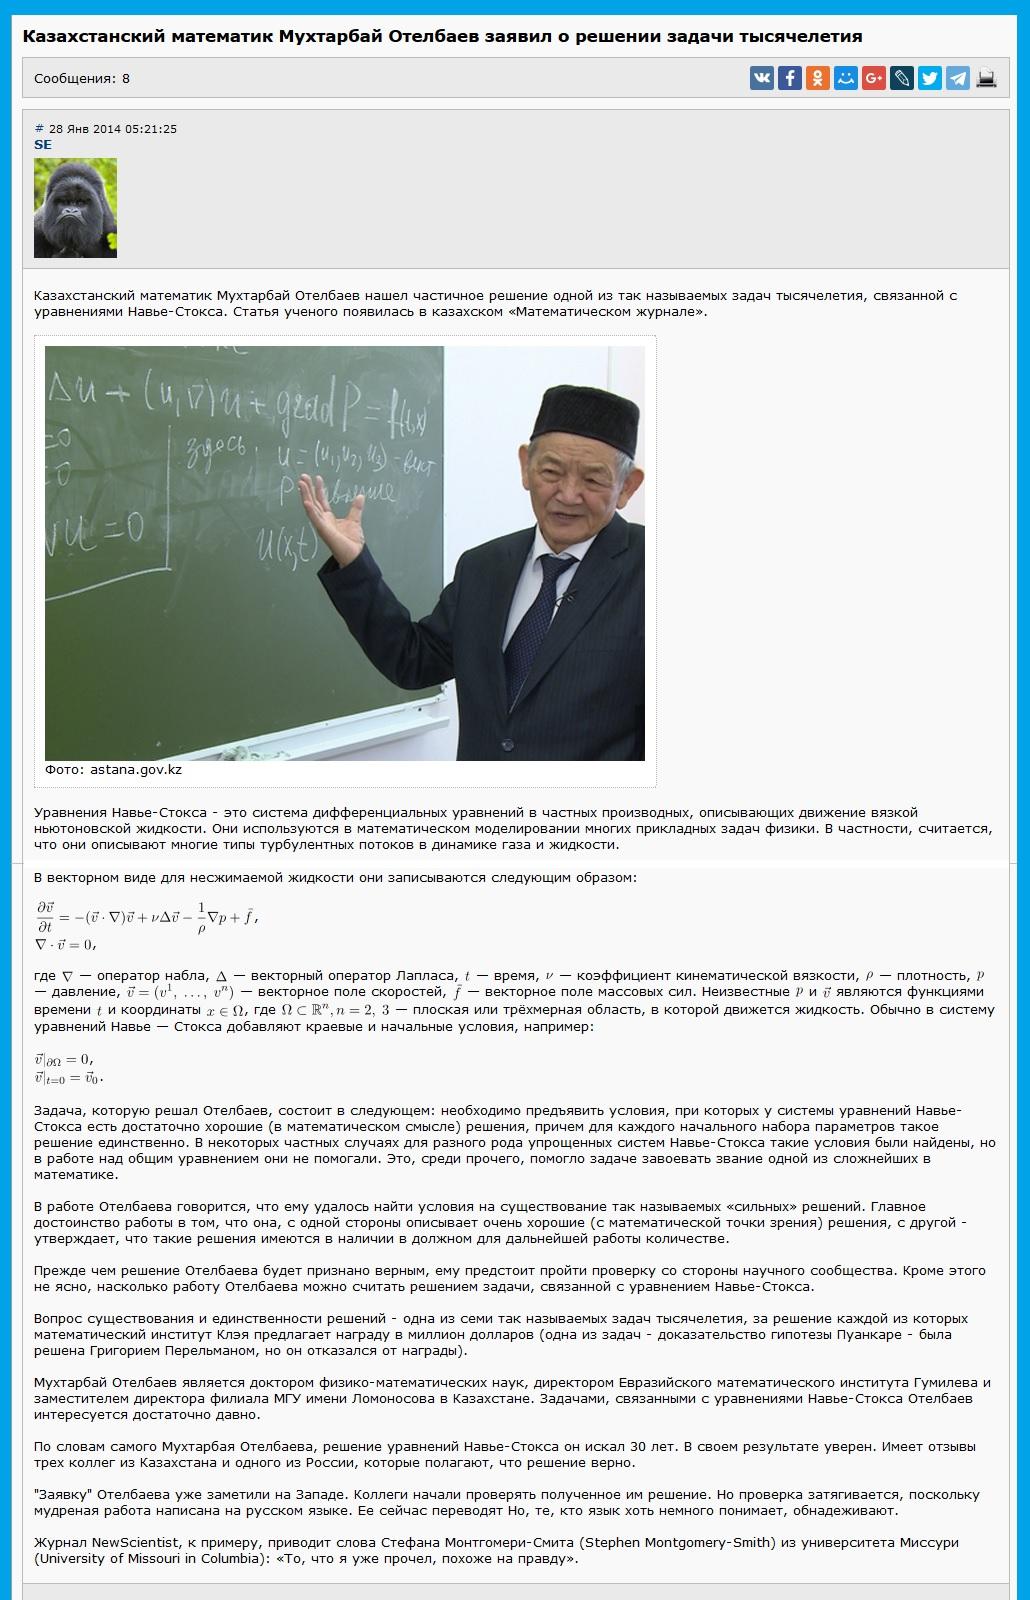 Для славных математиков Тифаретника